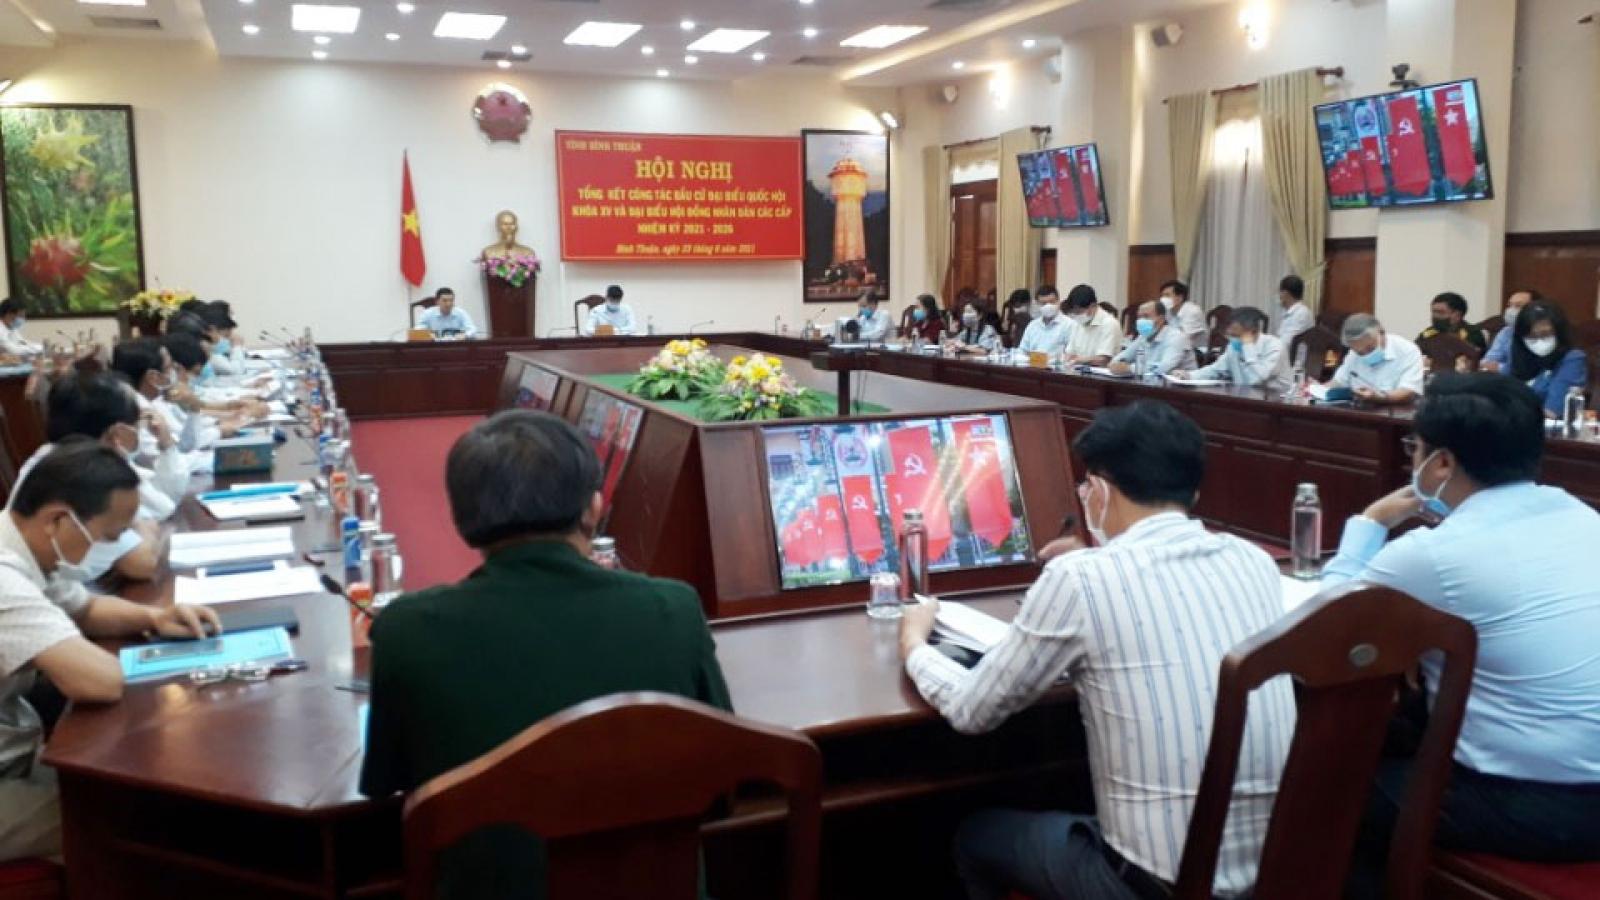 Bình Thuận tổng kết công tác bầu cử đại biểu Quốc hội và HĐND các cấp